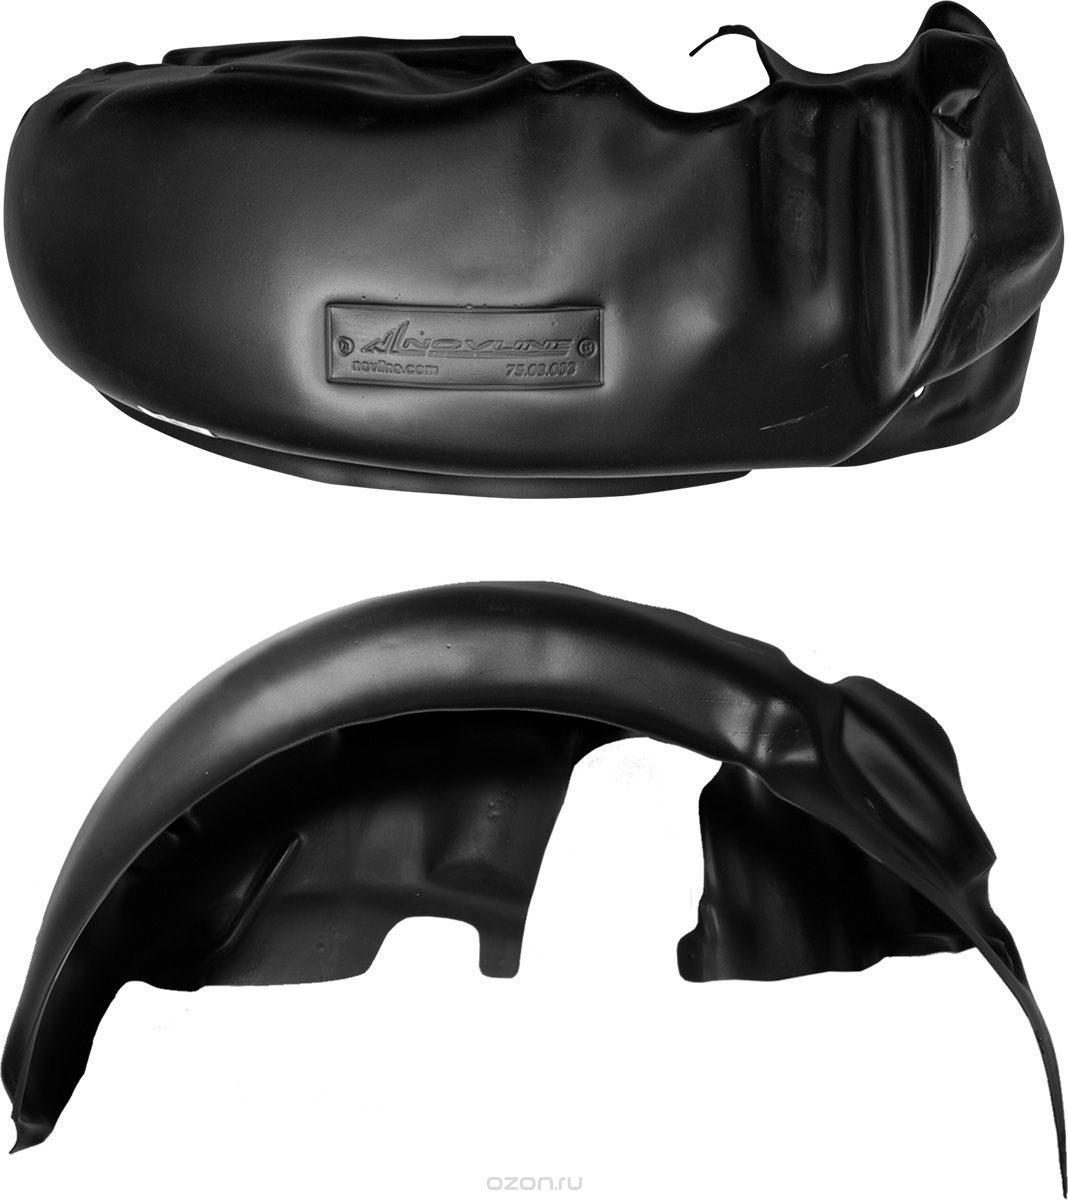 Подкрылок Novline-Autofamily, для ВАЗ 2110, 1995-2007, б/б, задний левый000503Идеальная защита колесной ниши. Локеры разработаны с применением цифровых технологий, гарантируют максимальную повторяемость поверхности арки. Изделия устанавливаются без нарушения лакокрасочного покрытия автомобиля, каждый подкрылок комплектуется крепежом. Уважаемые клиенты, обращаем ваше внимание, что фотографии на подкрылки универсальные и не отражают реальную форму изделия. При этом само изделие идет точно под размер указанного автомобиля.